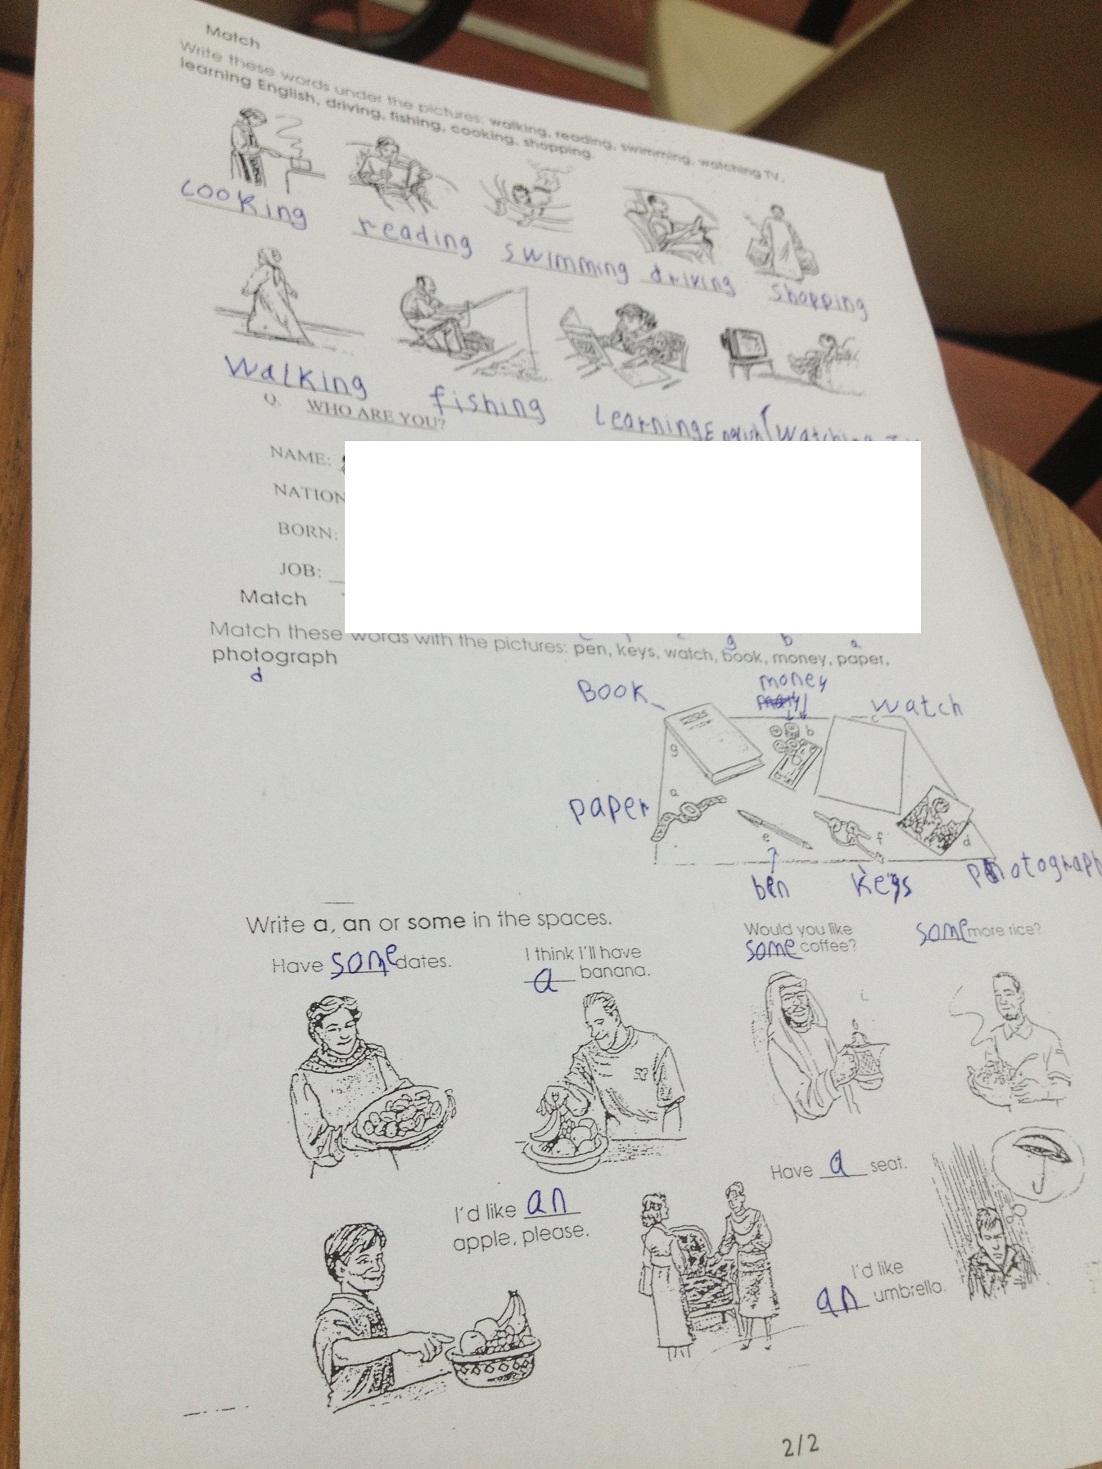 اسئلة اختبار مادة اللغة الانجليزية engl 101 الفصل الدراسي الثاني 1434هـ QM7D8.jpg